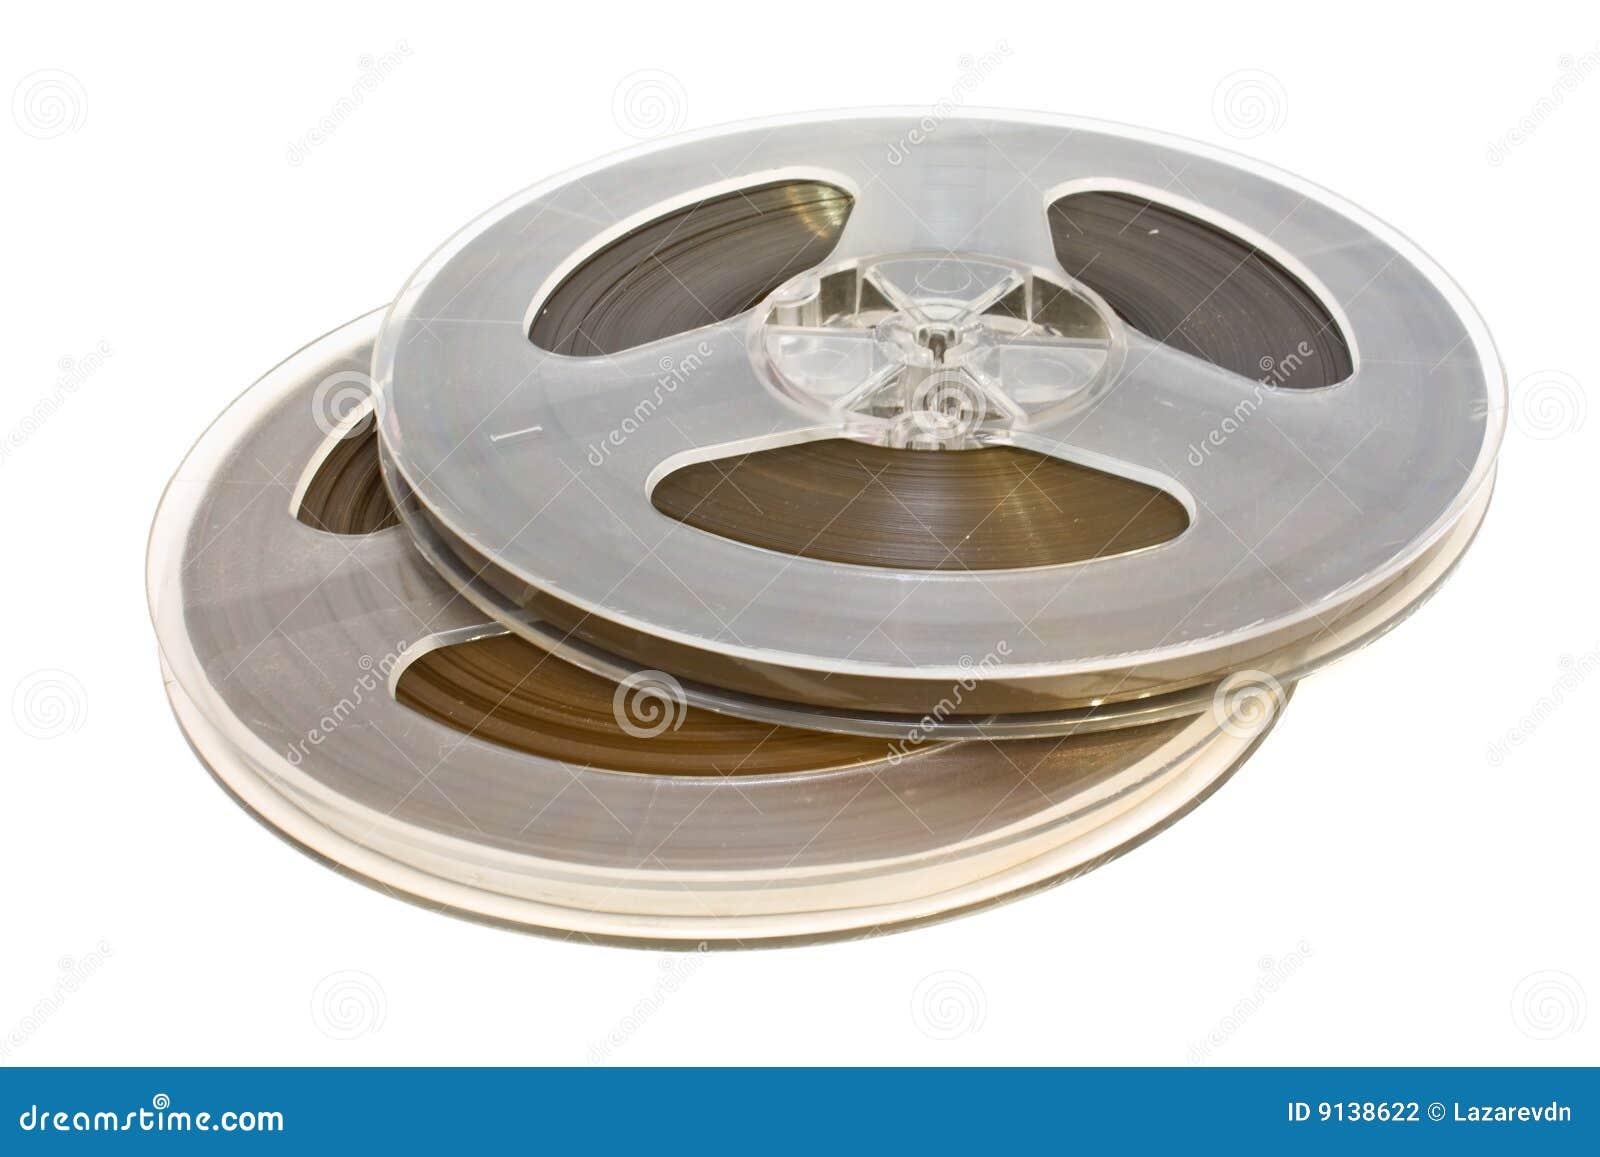 Cassettes audios viejos